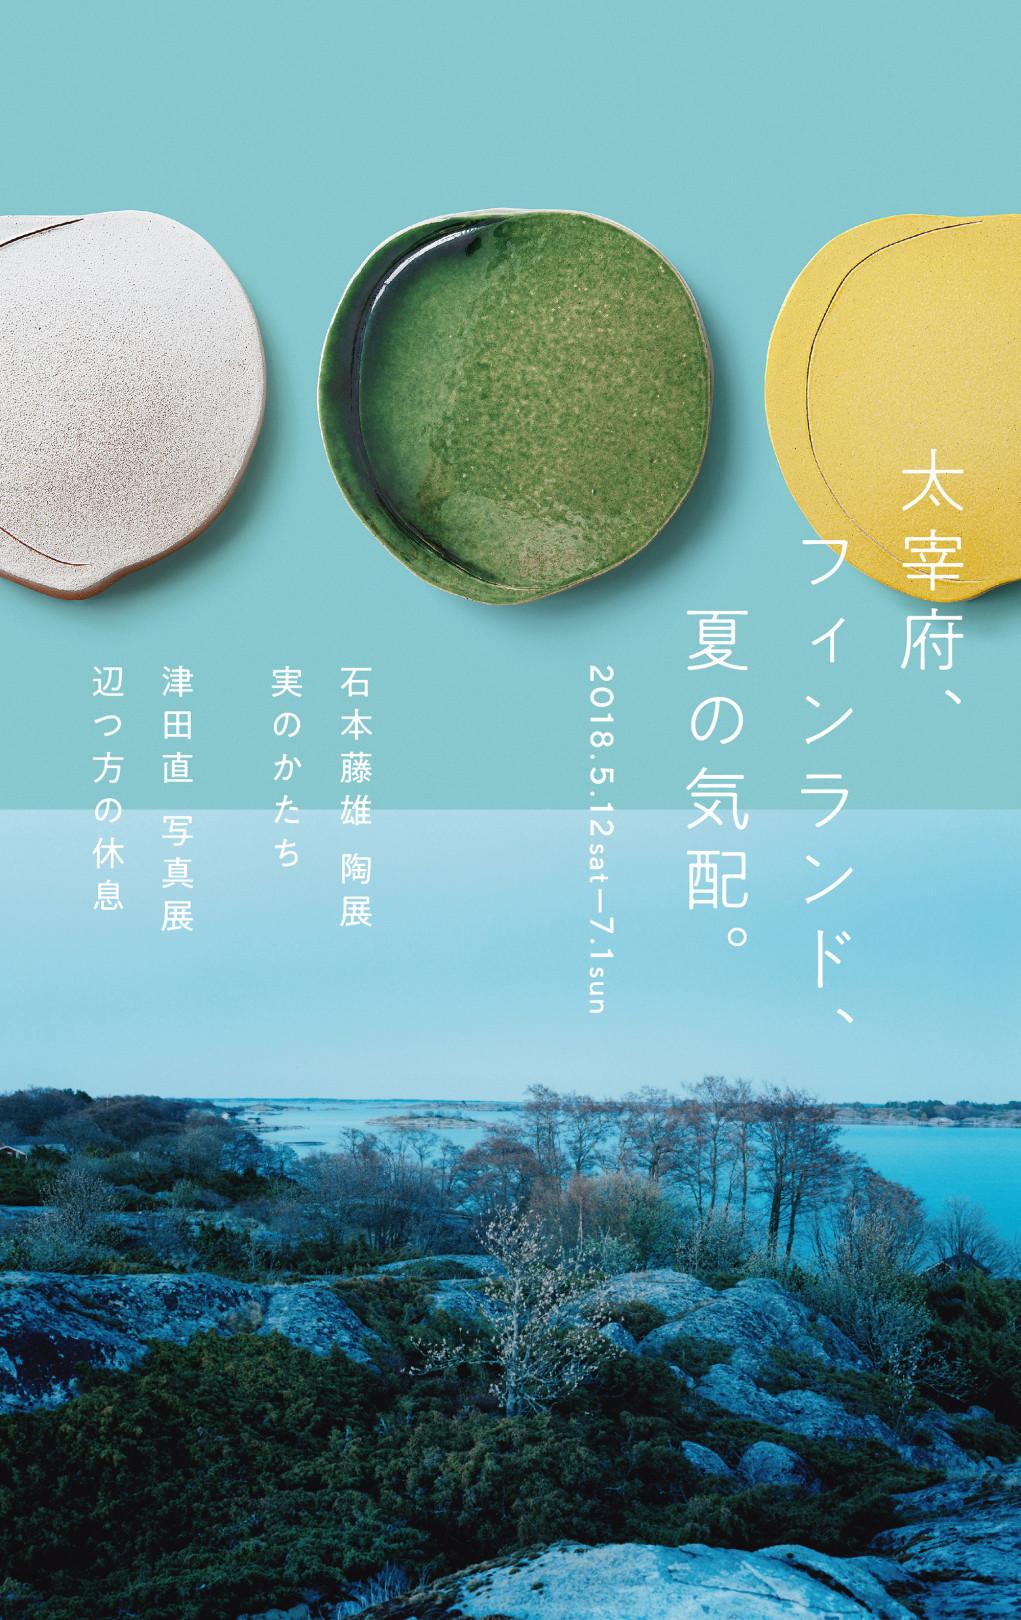 太宰府天満宮で5月12日から7月1日まで「太宰府、フィンランド、夏の気配。」開催